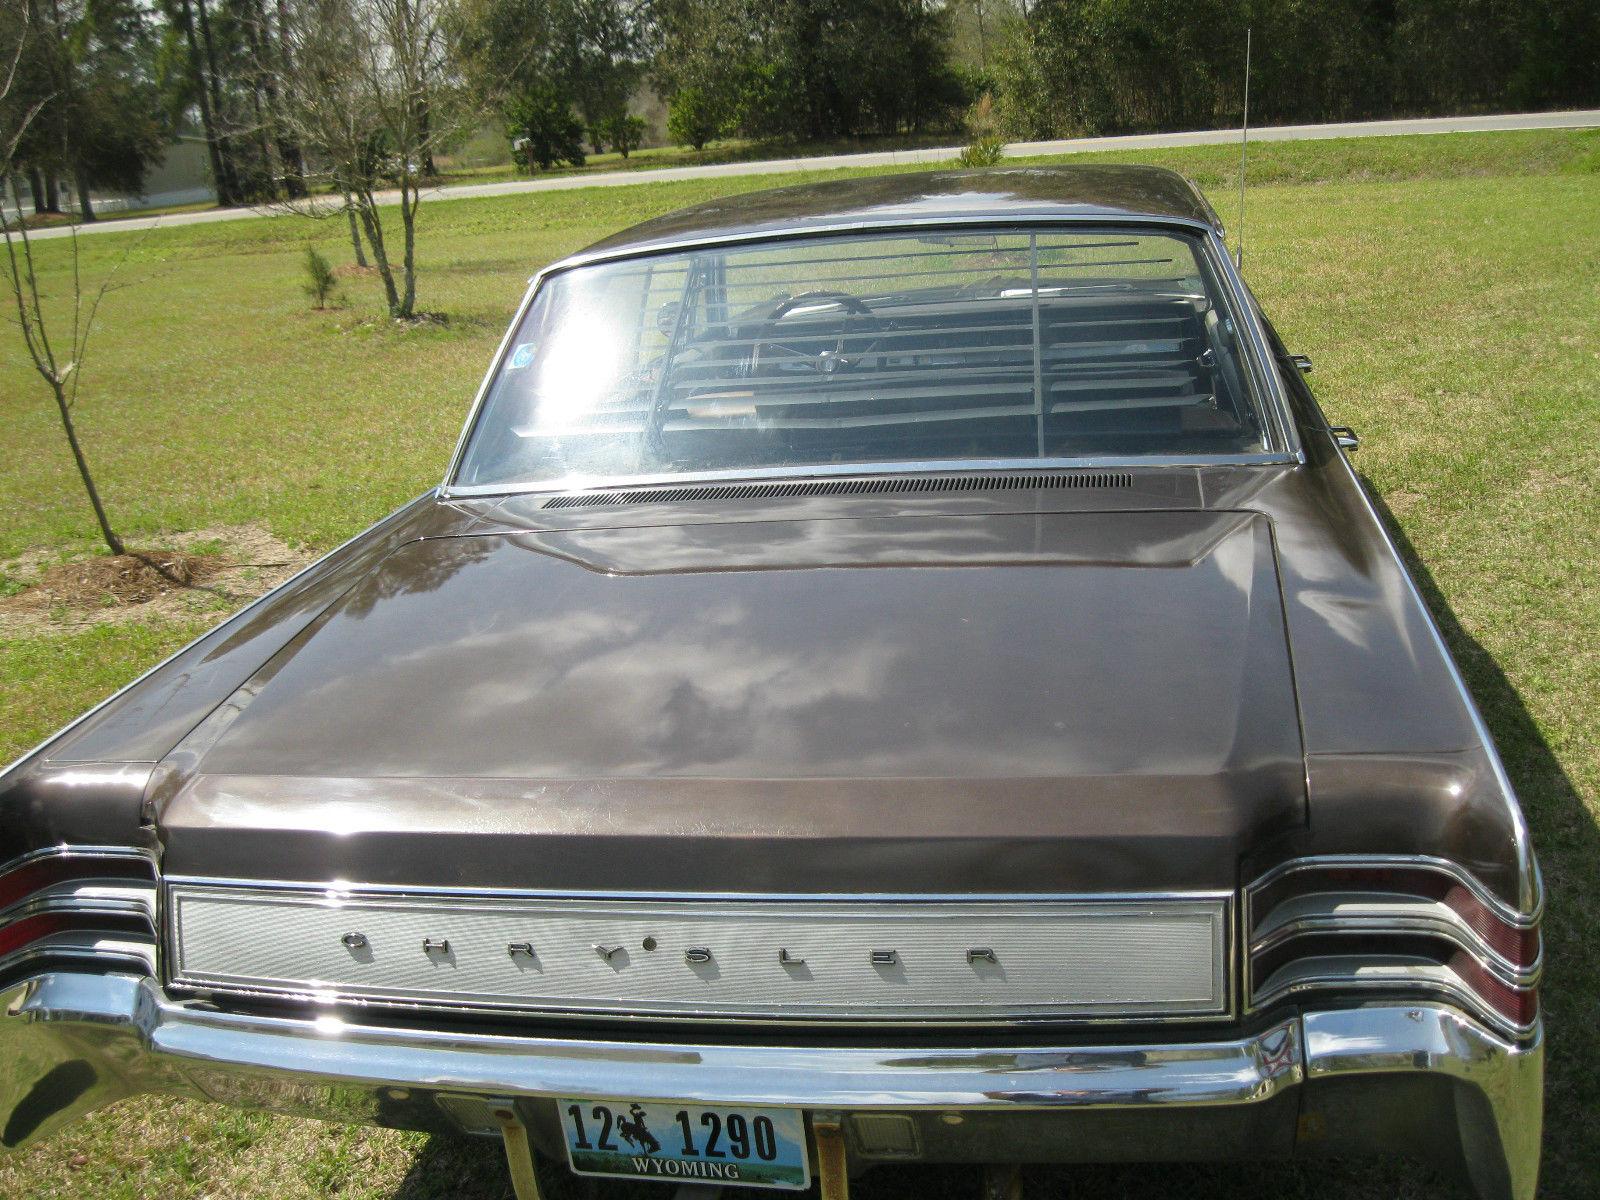 1967 Chrysler New Yorker Base 7 2L, 4 Door Hardtop - Classic